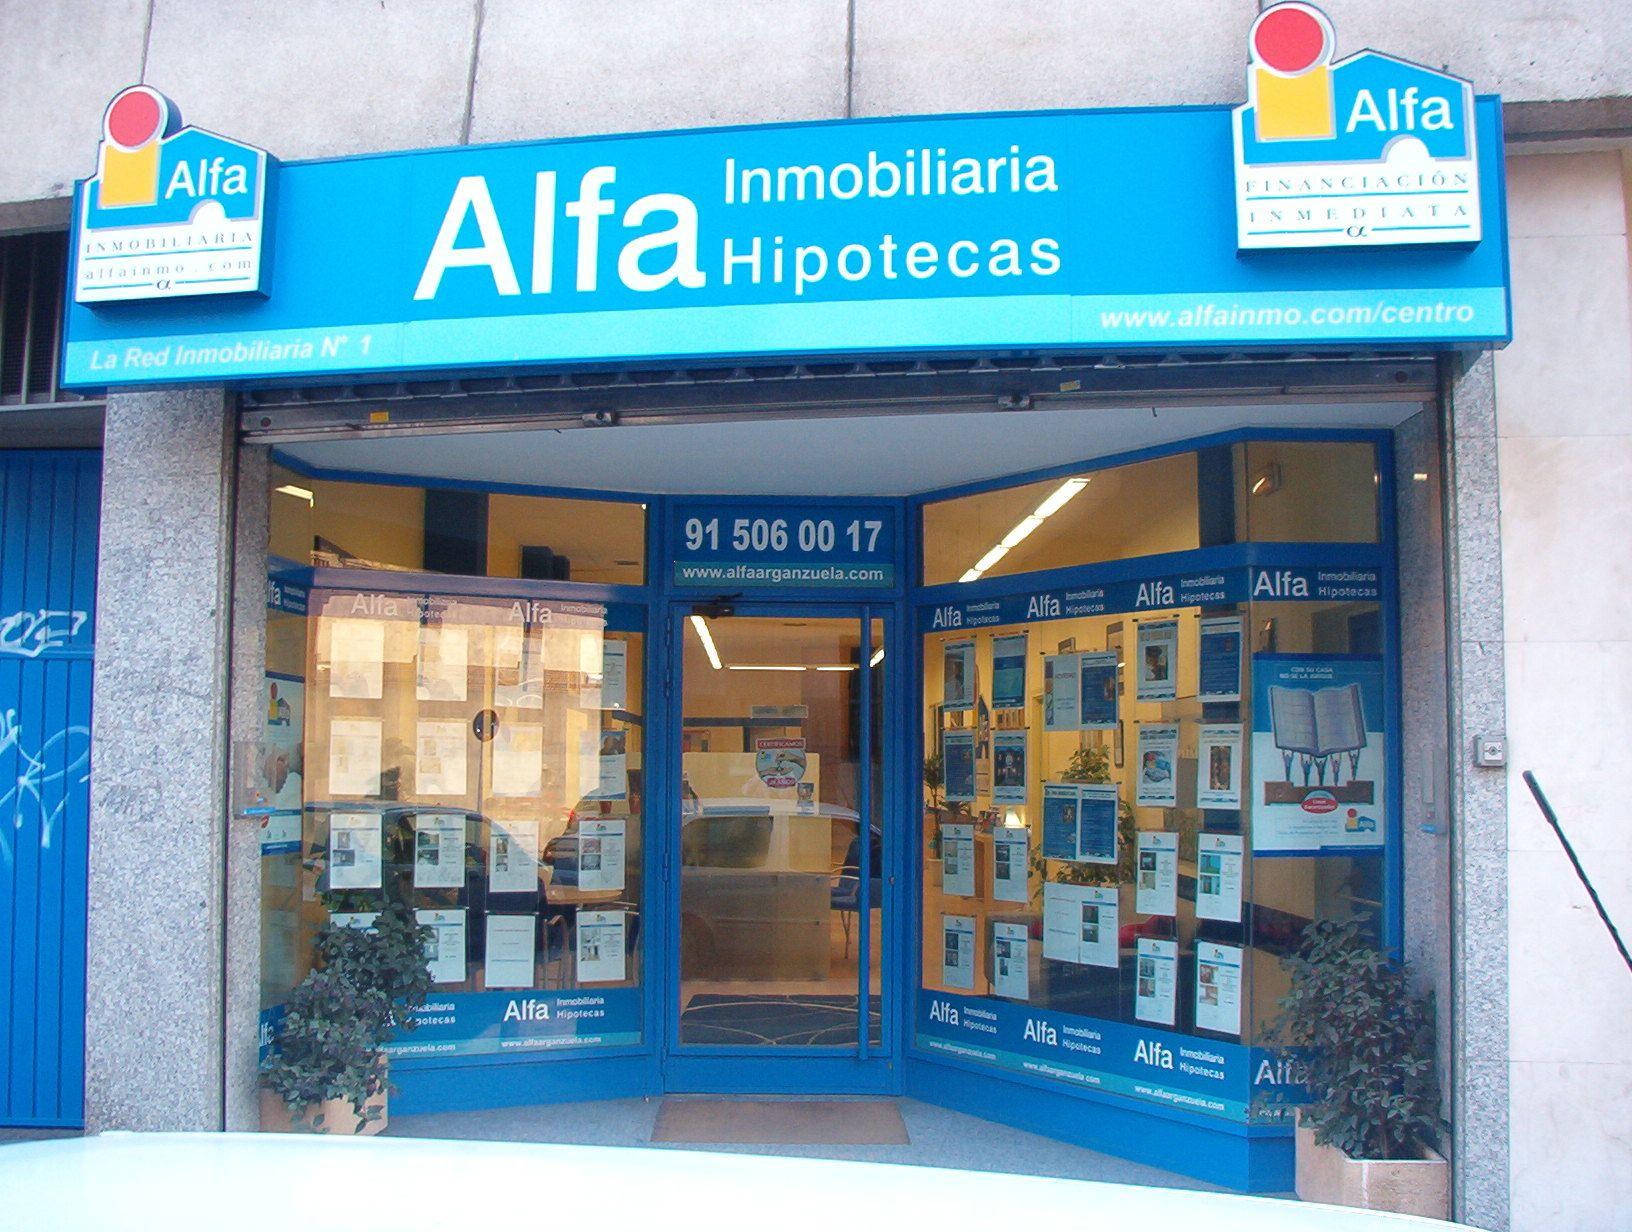 Alfa Inmobiliaria inaugura su octava agencia en Barcelona